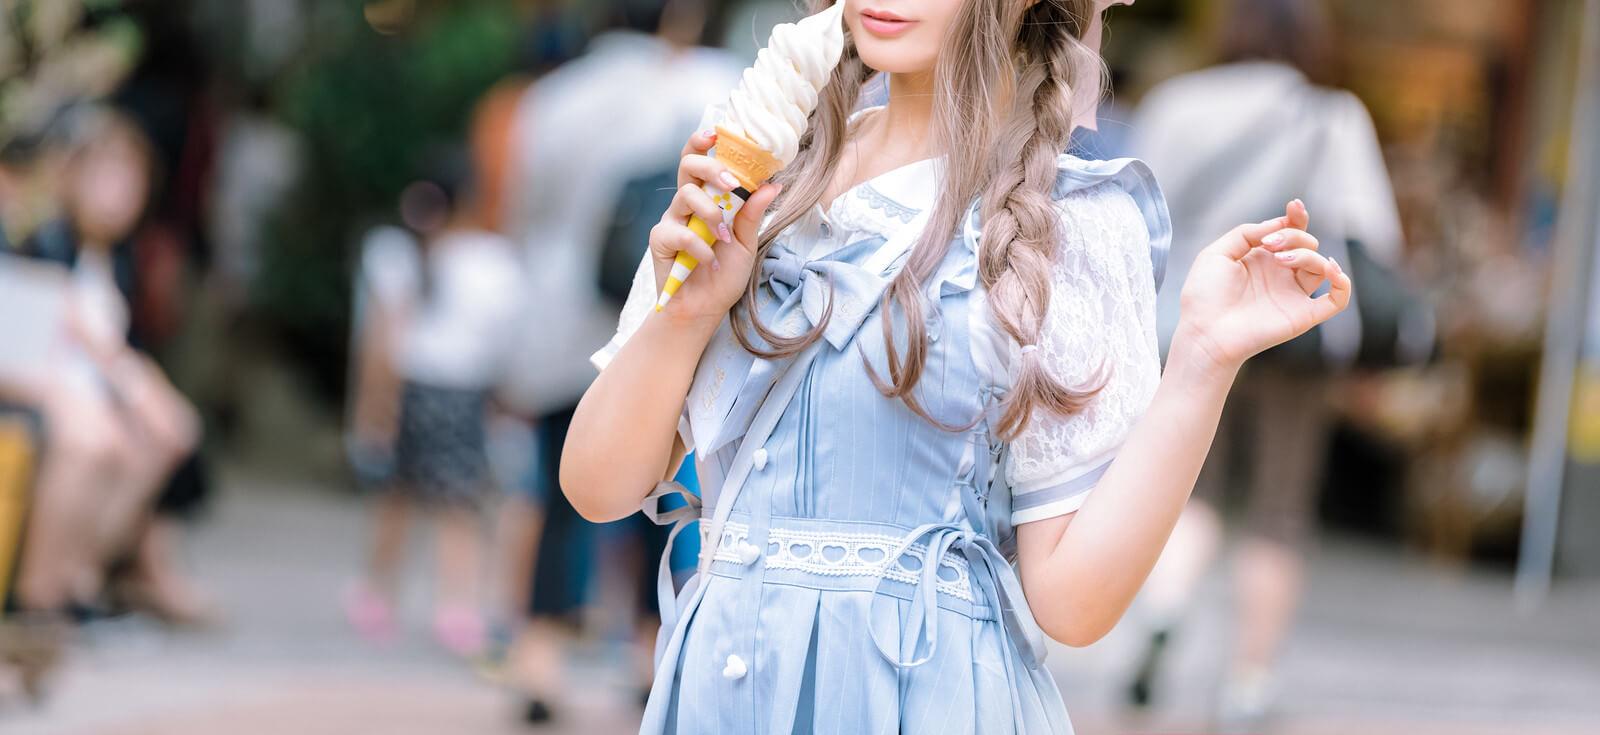 バニラソフトクリームを食べる女性